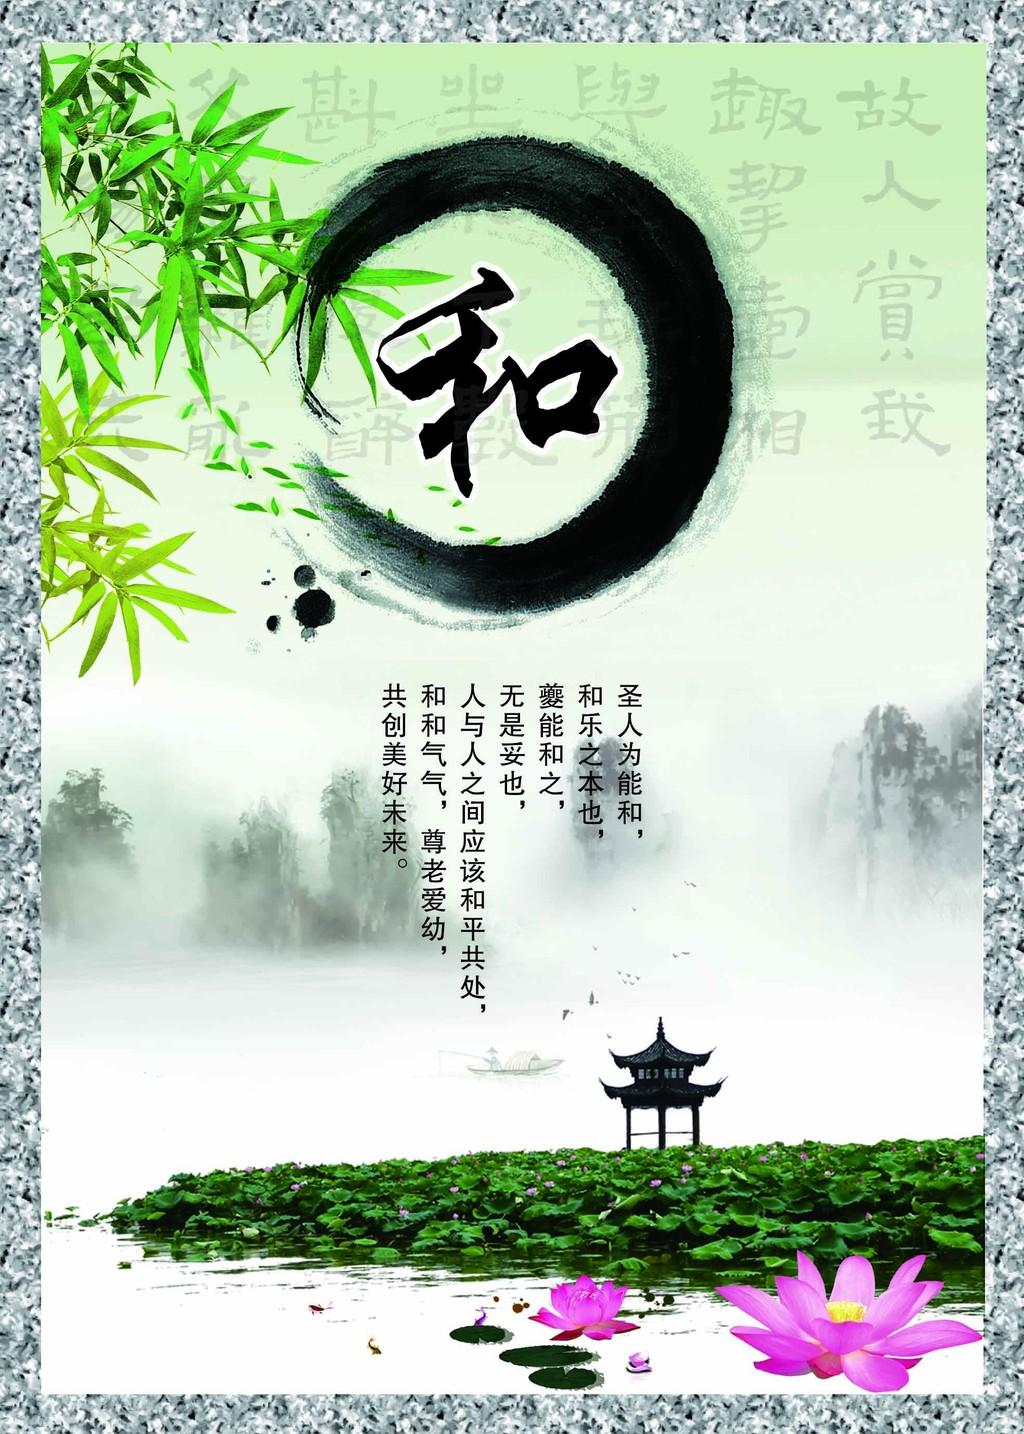 中国风水墨画水墨荷花 校园文化展图 古代楼阁亭子 荷塘荷花盛开 竹叶